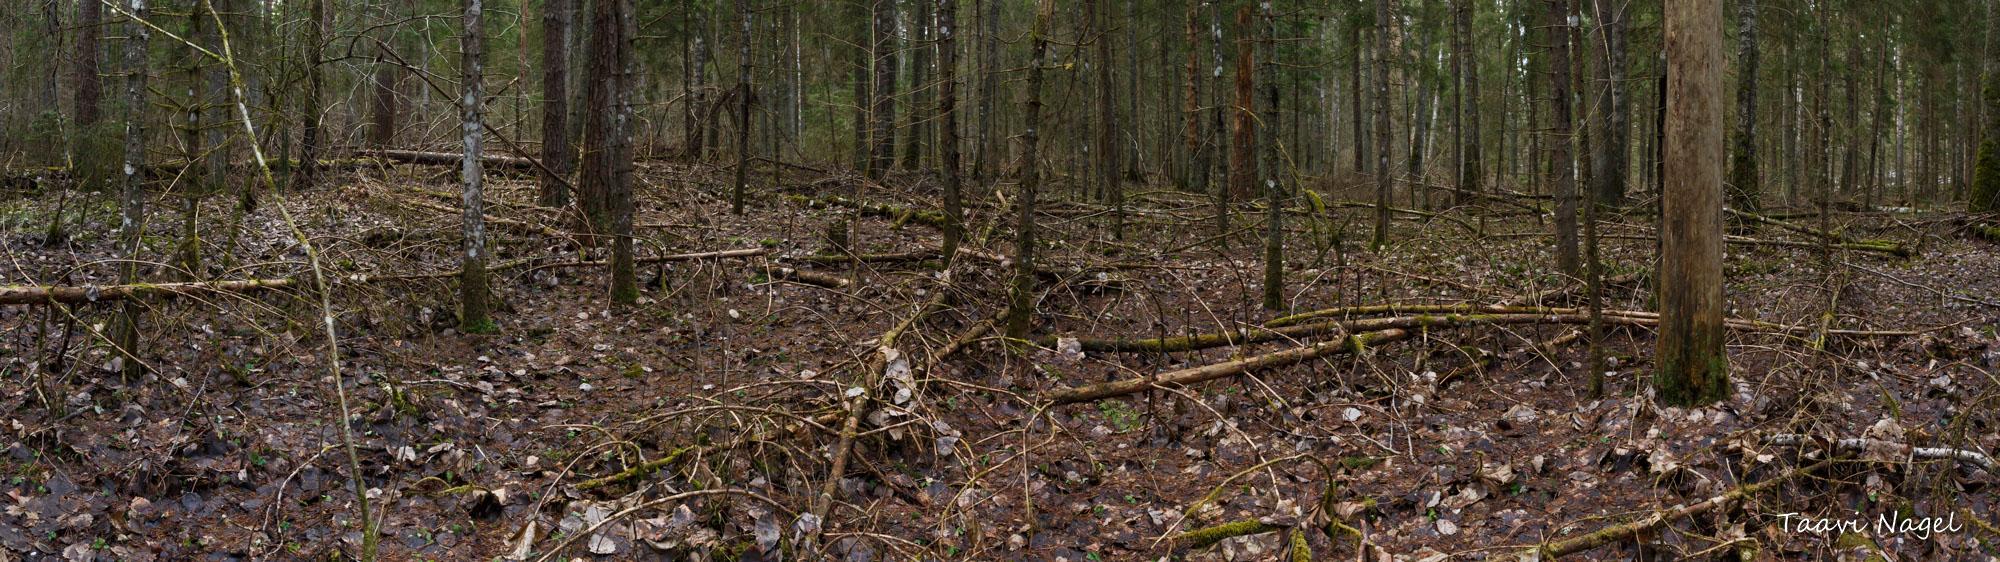 Ürgne eesti mets-panoraam